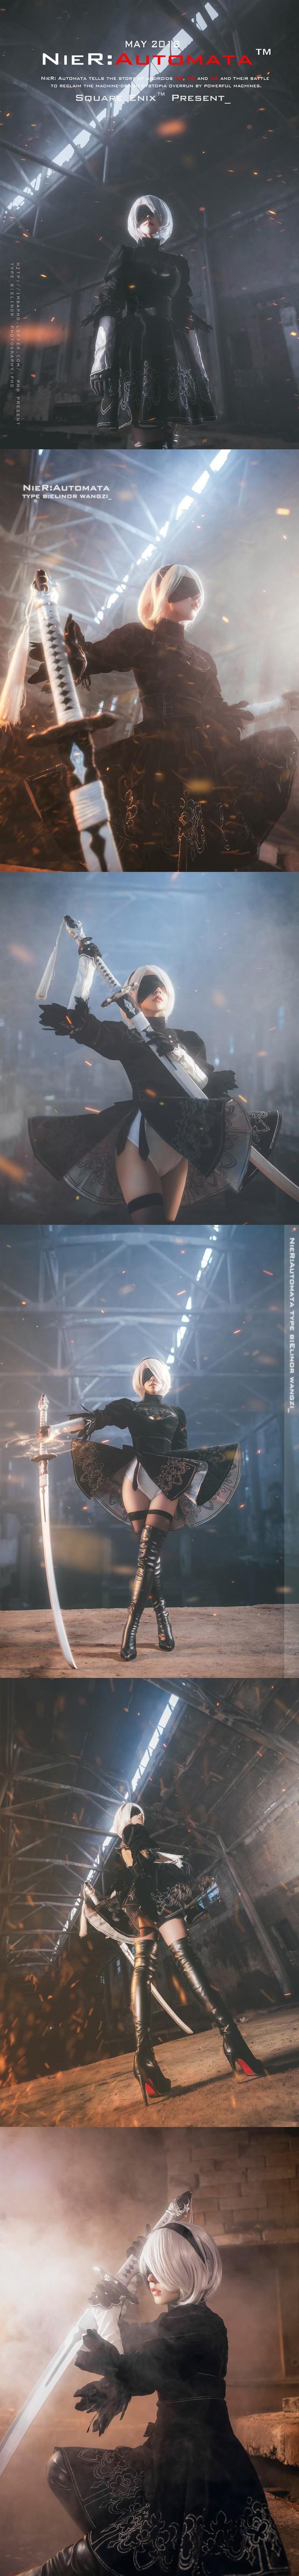 Bỏng mắt với cosplay về cô nàng 2B trong Nier: Automata - Ảnh 10.